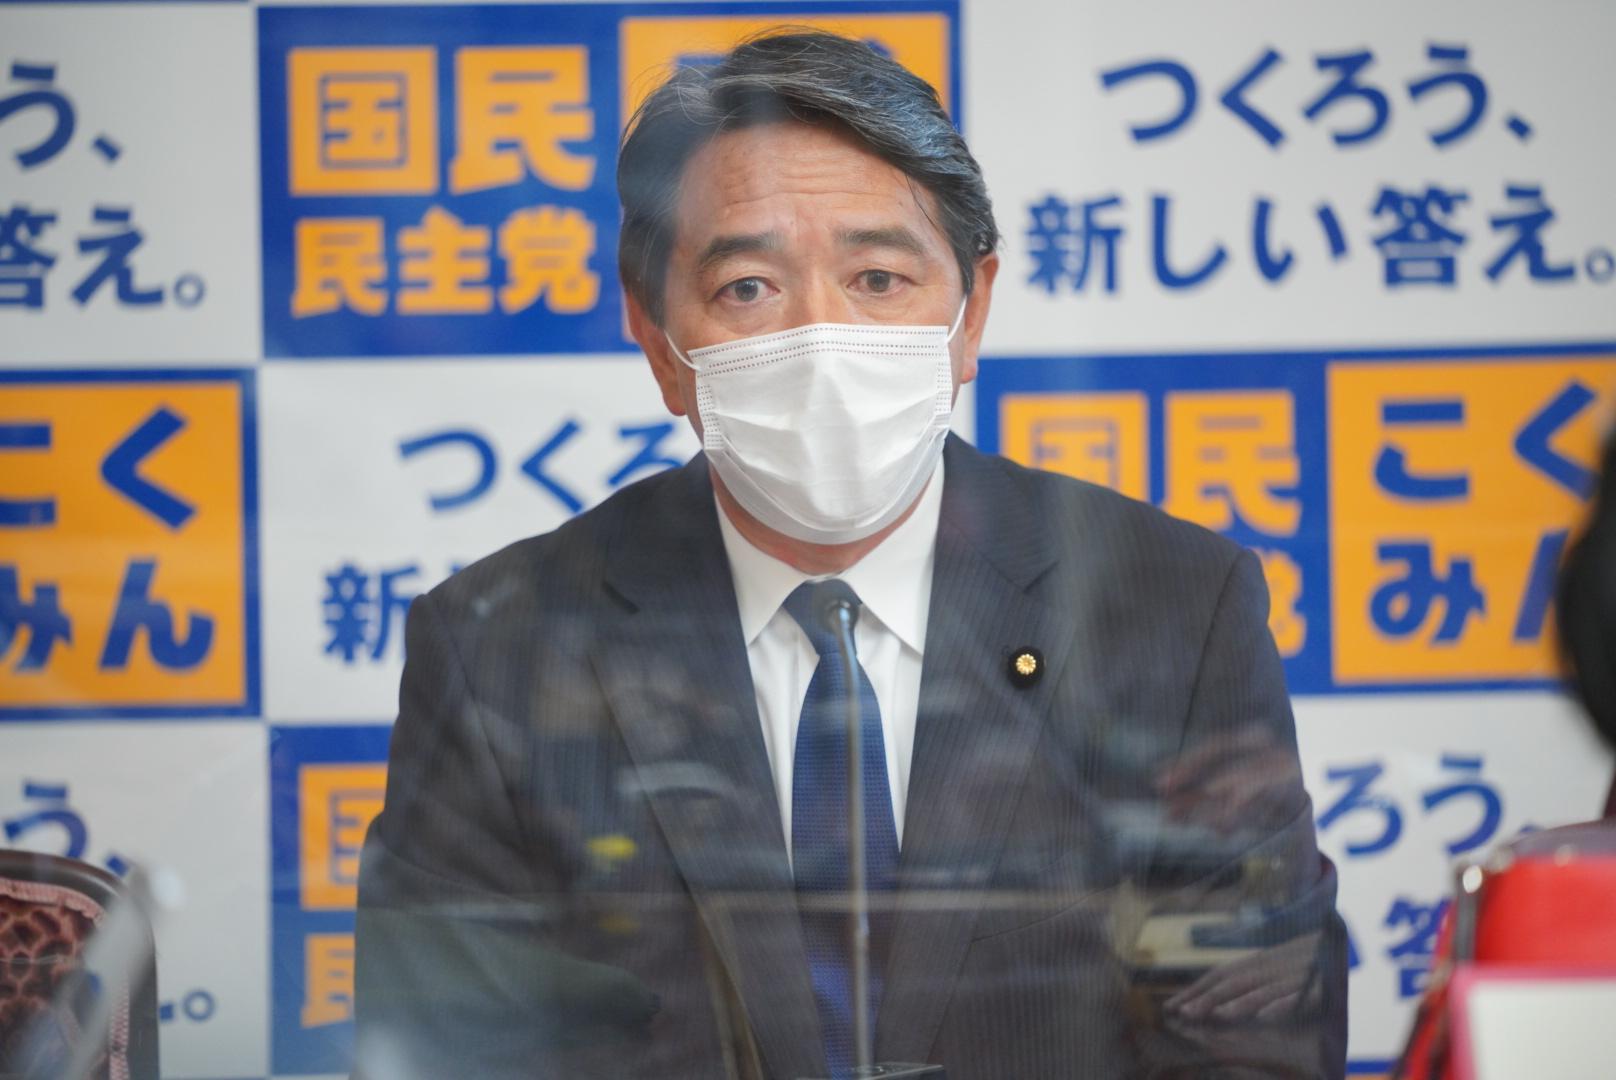 国民民主党 幹事長定例会見(2021年6月4日)